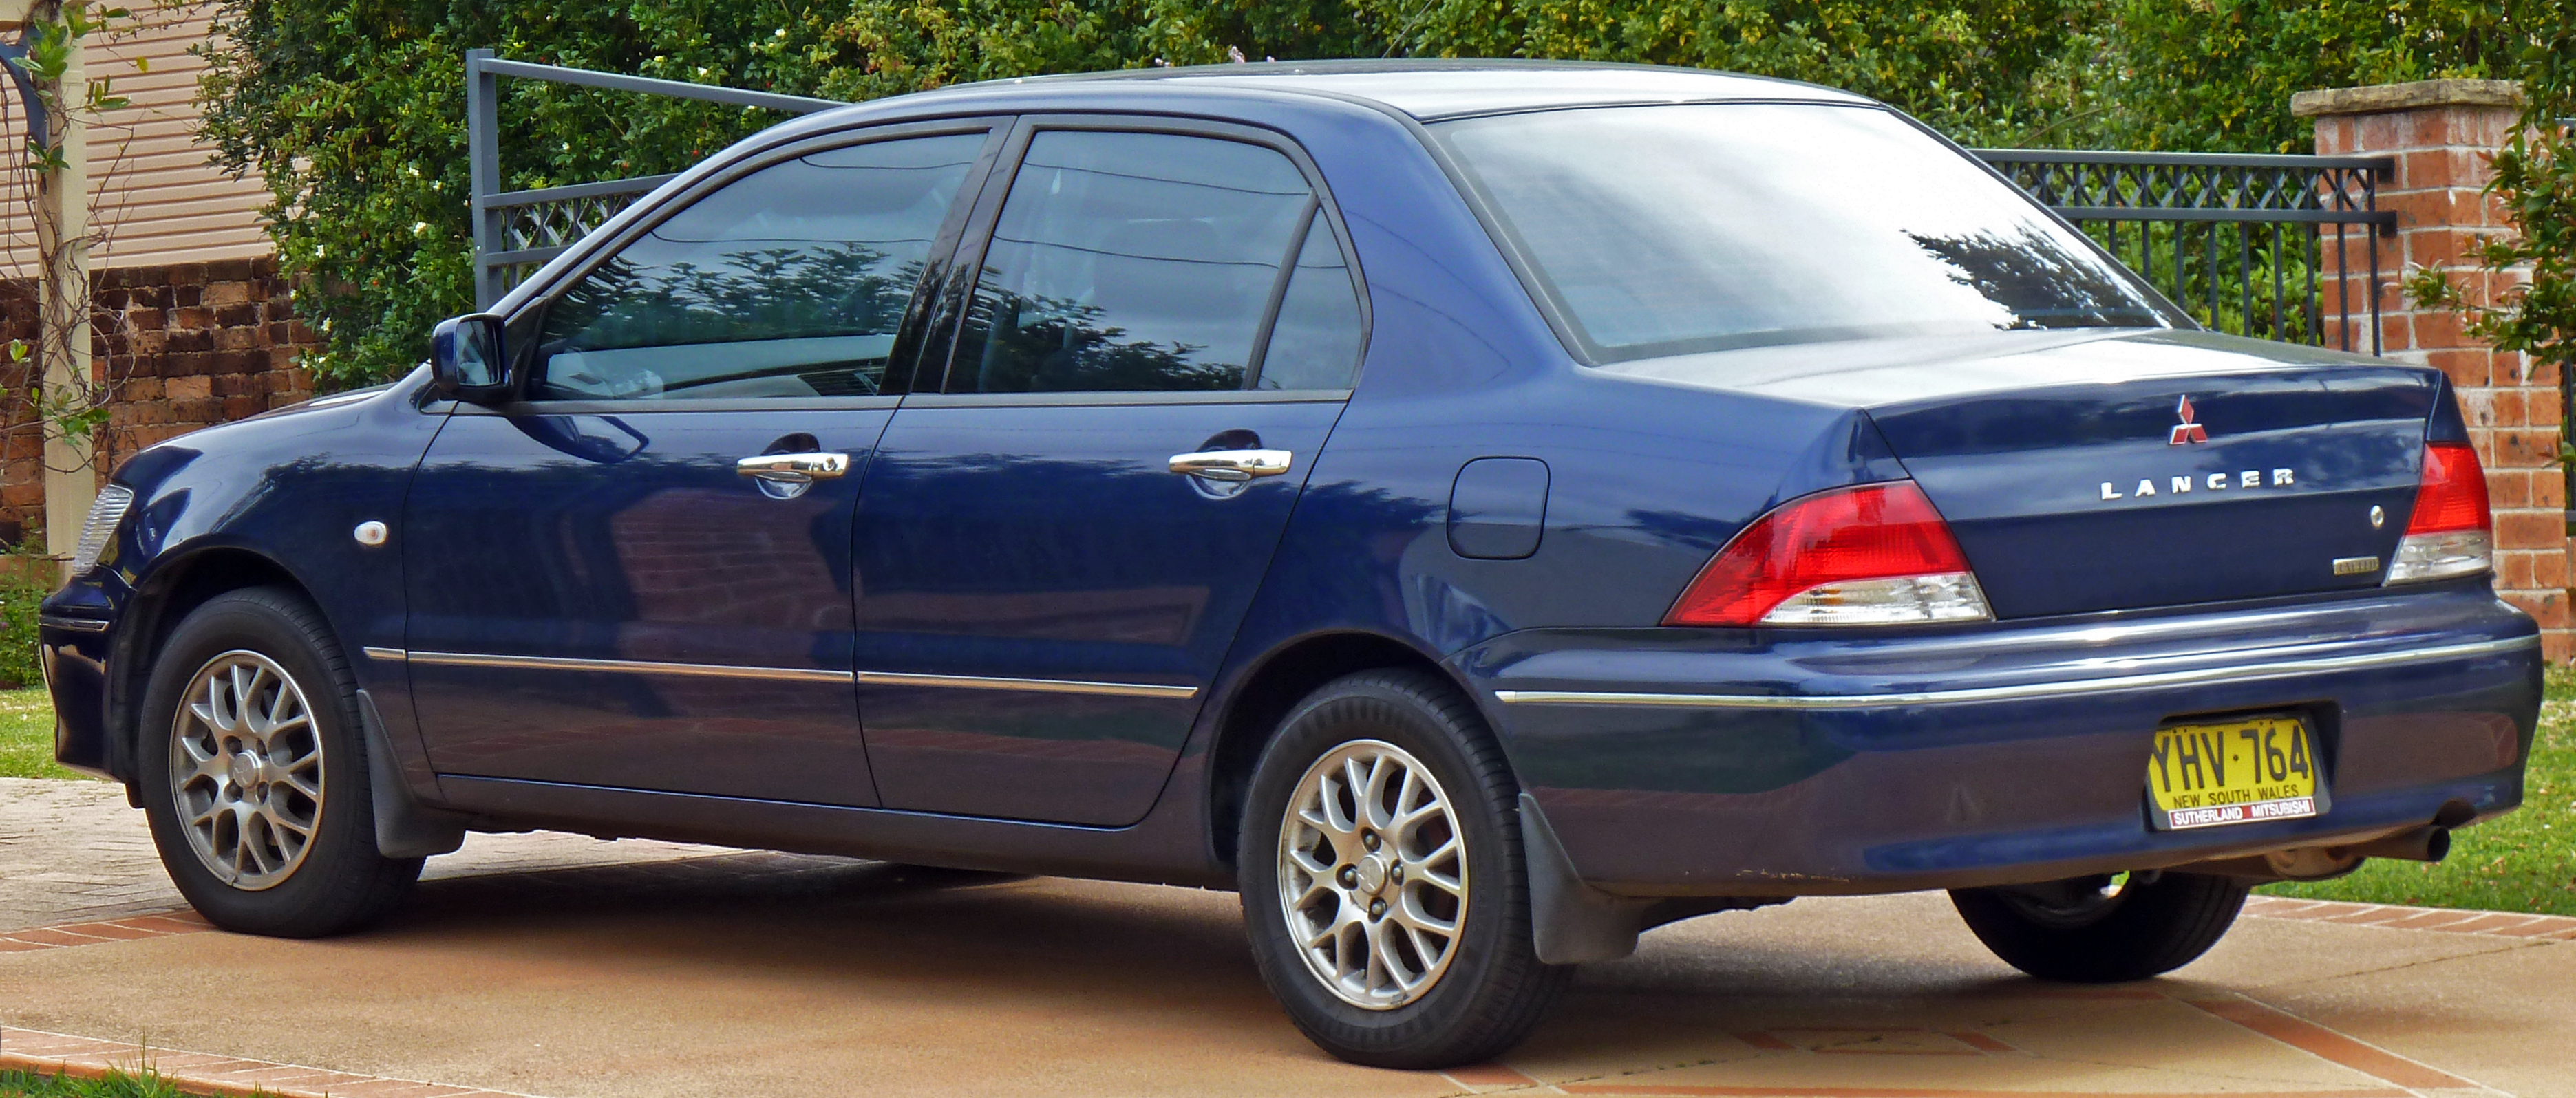 File 2002 2003 Mitsubishi Lancer Cg Exceed Sedan 01 Jpg